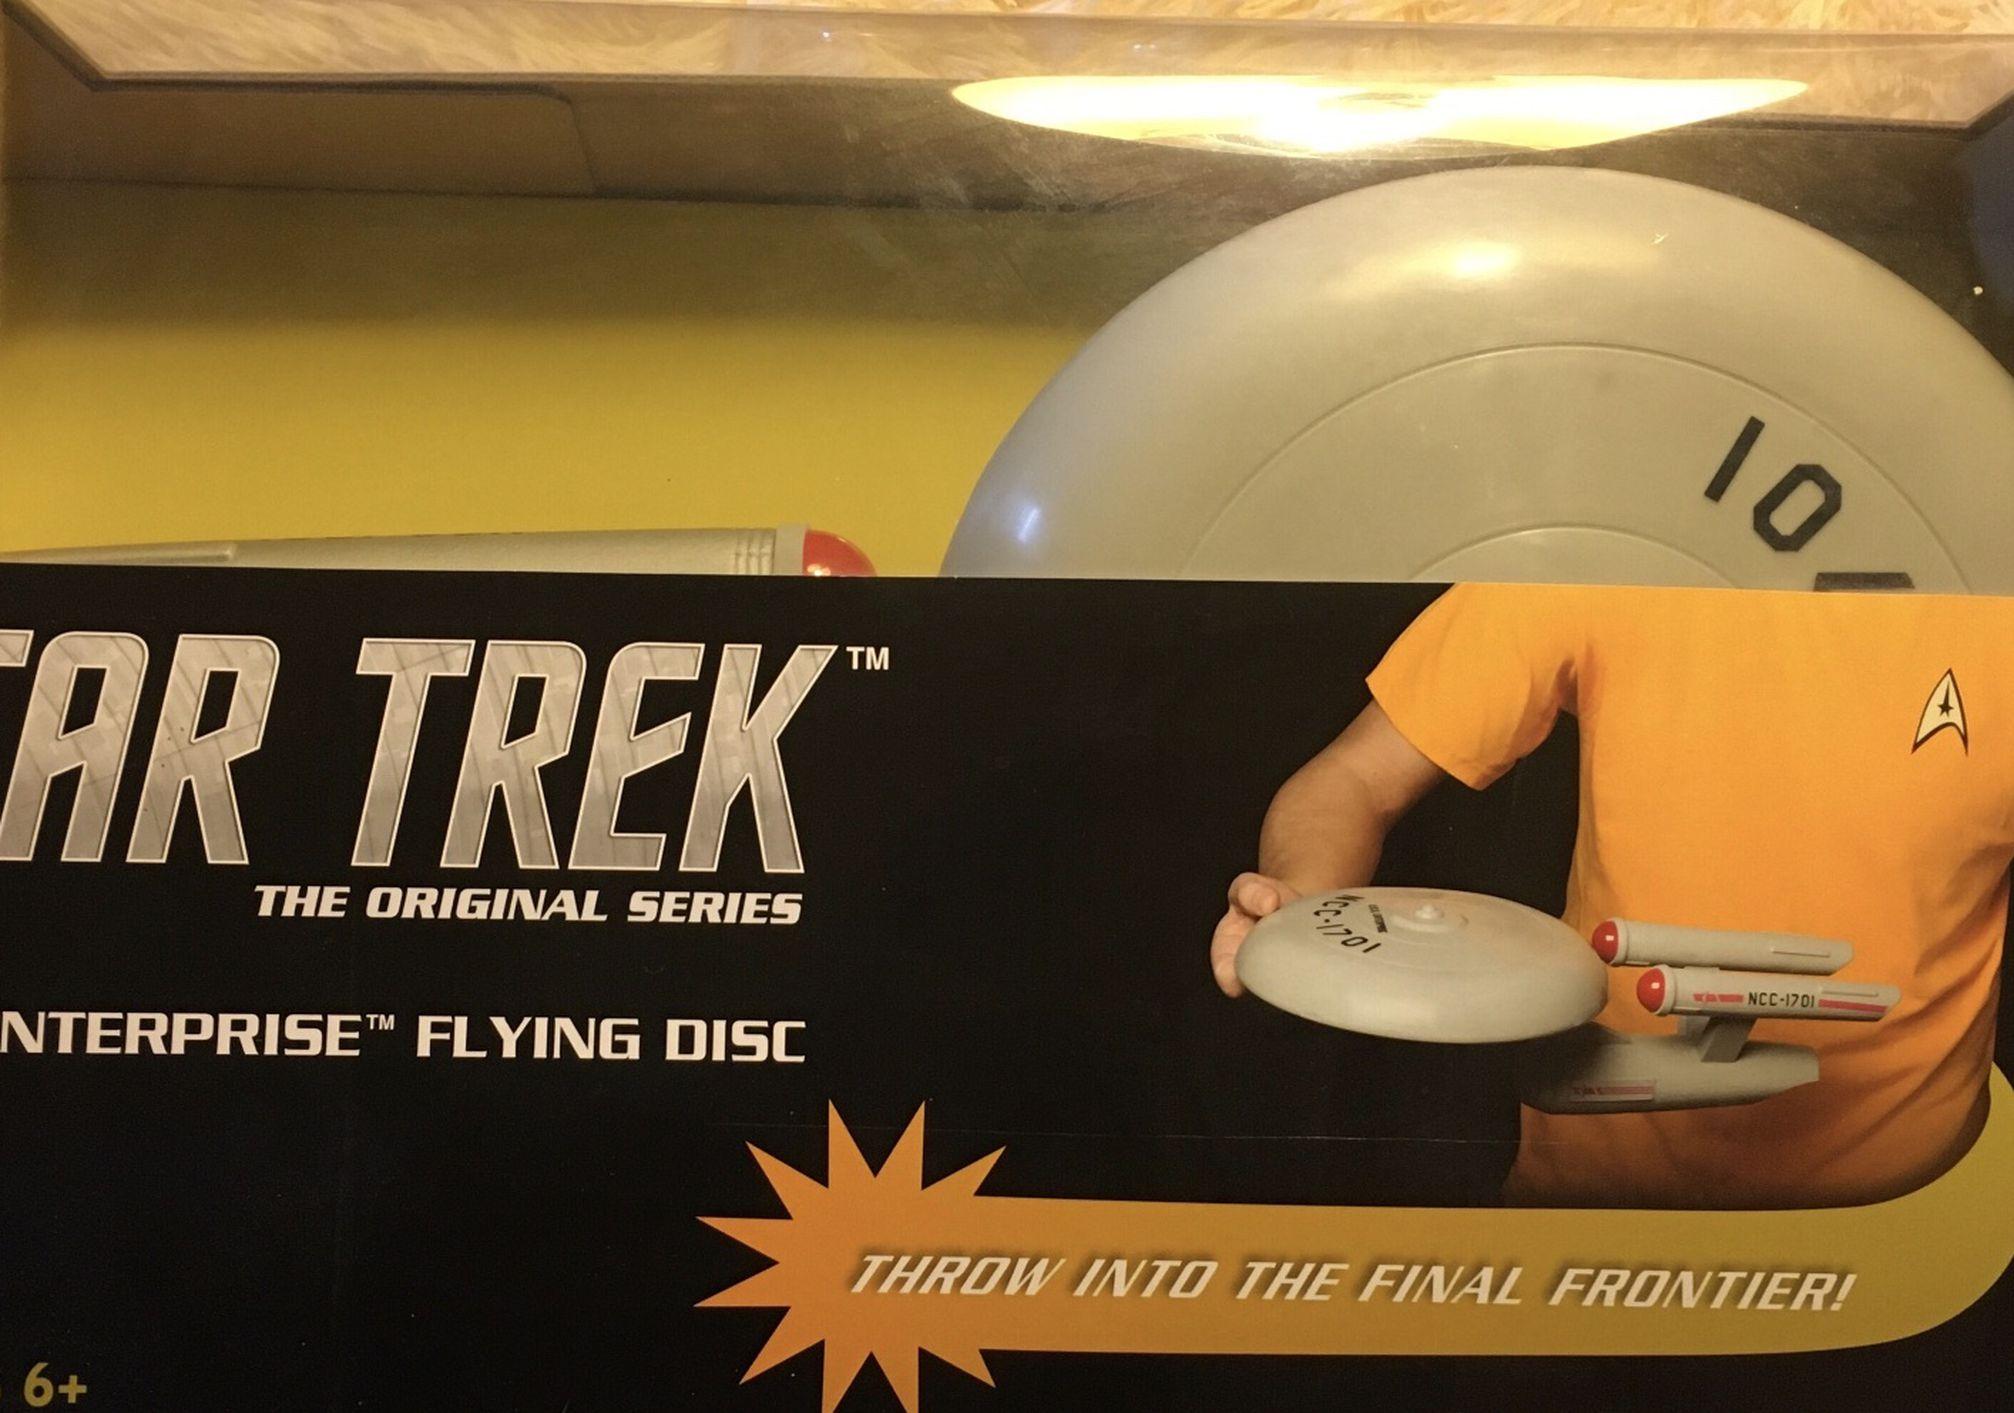 Star Trek Flying Disc